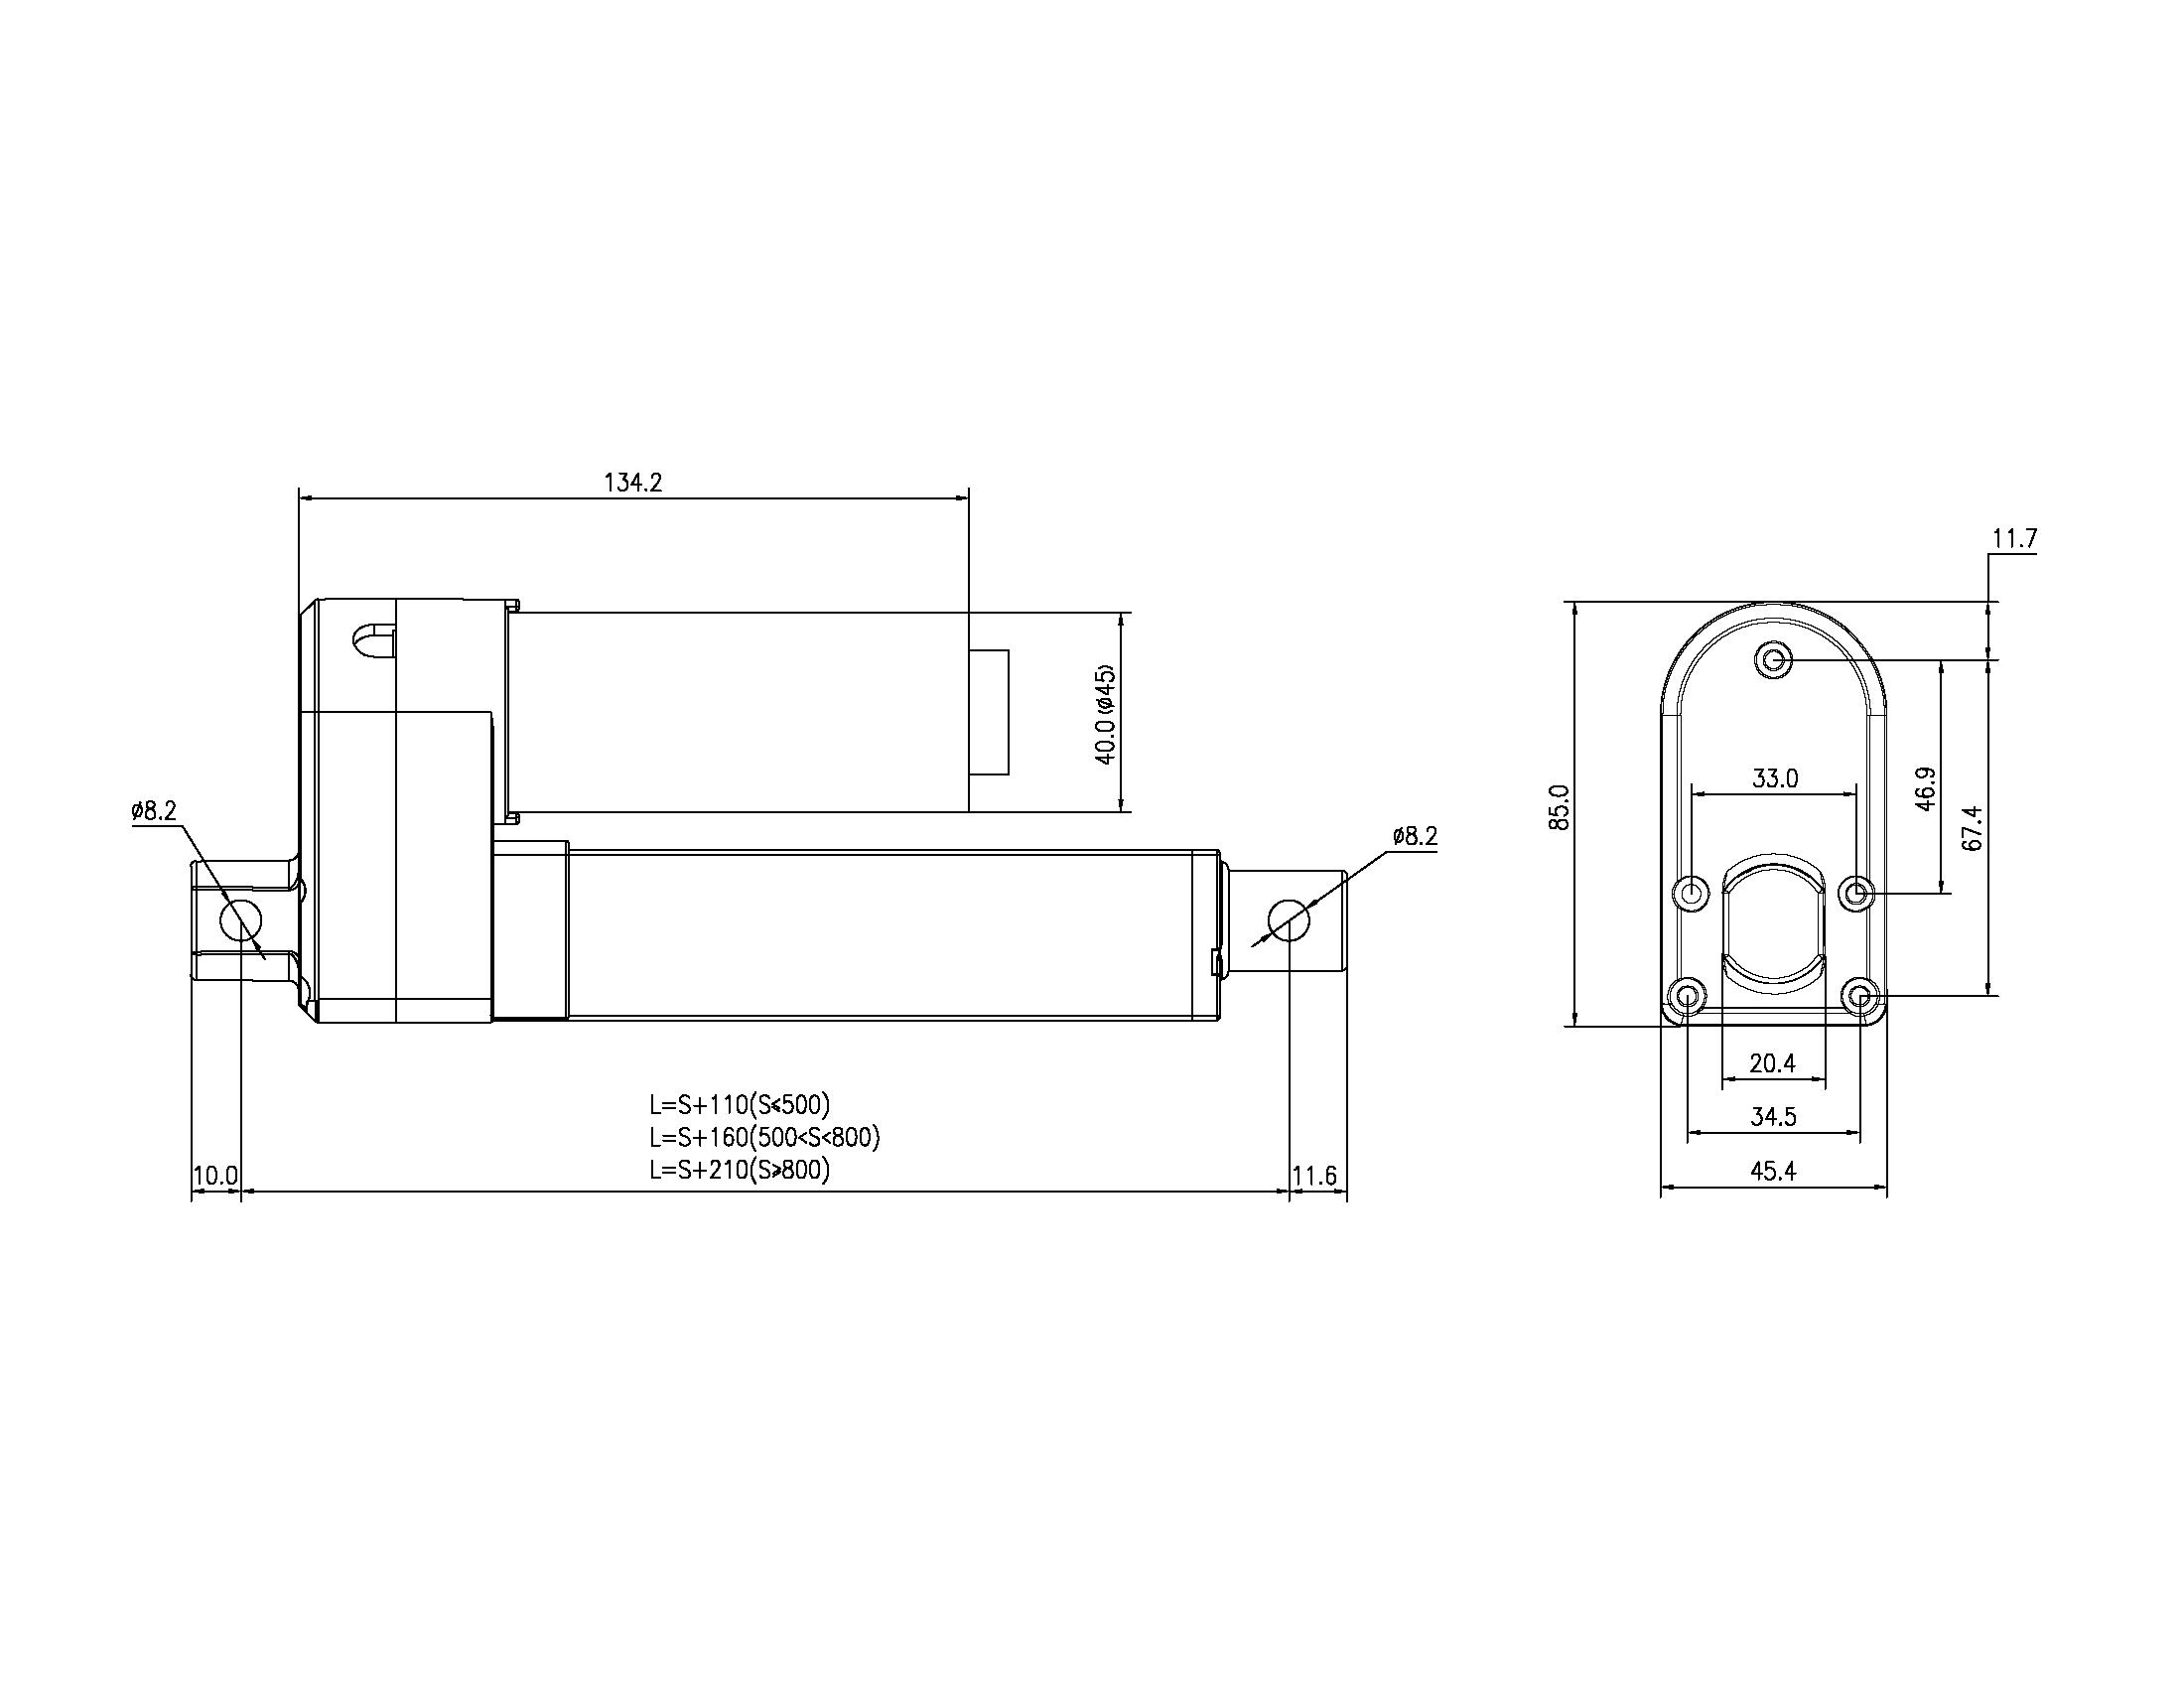 IP800CG